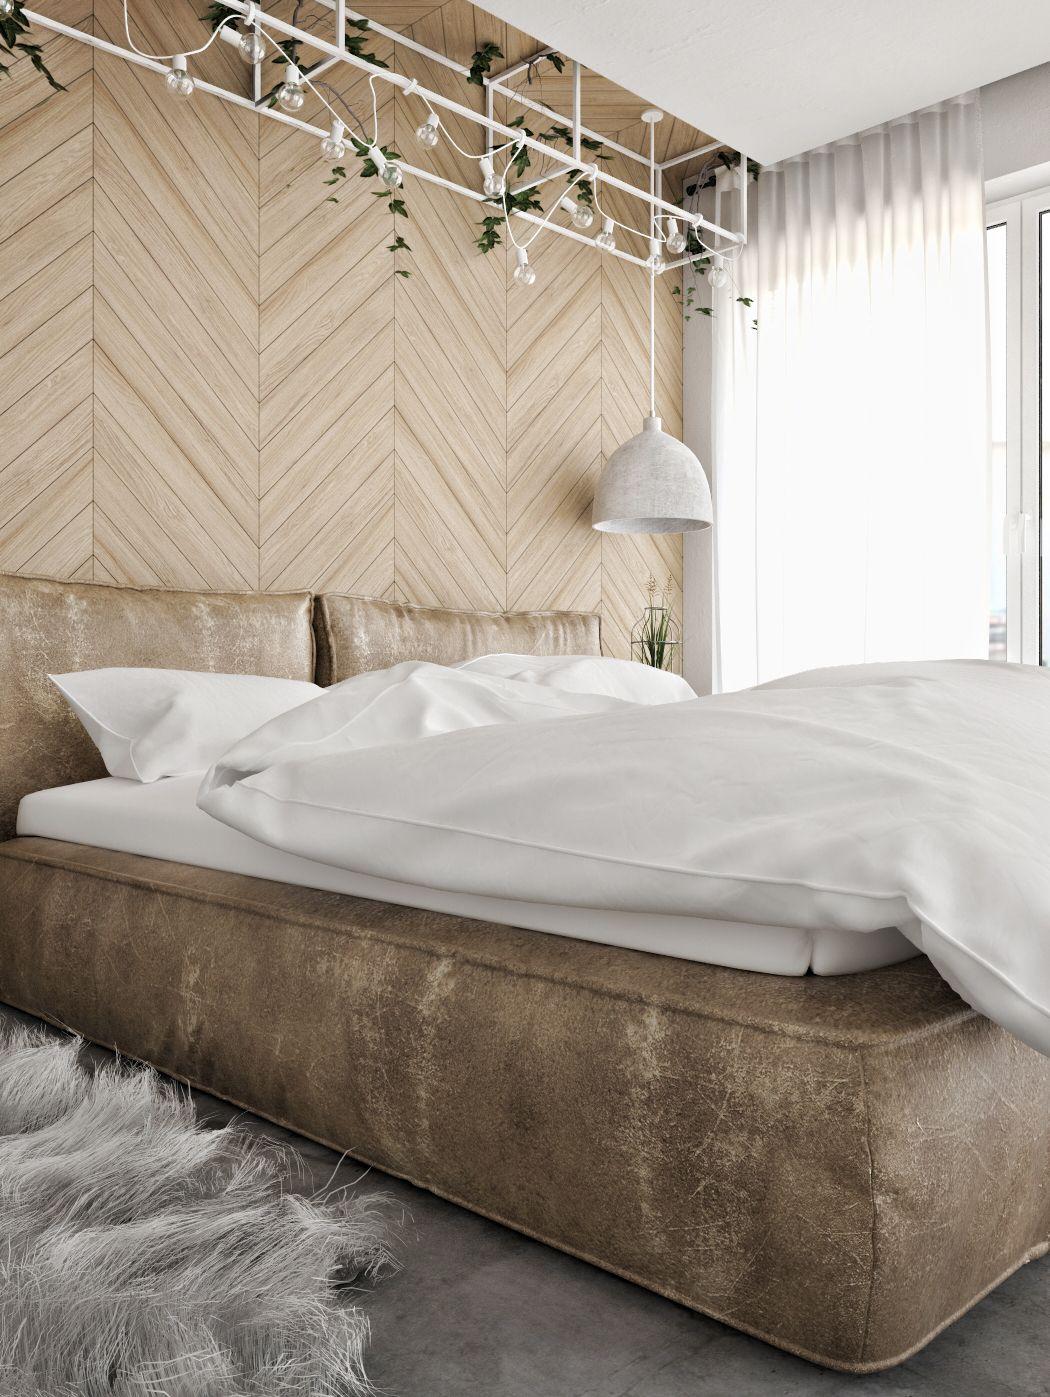 Slaapkamer met een betonvloer en een visgraat muur | Pinterest ...